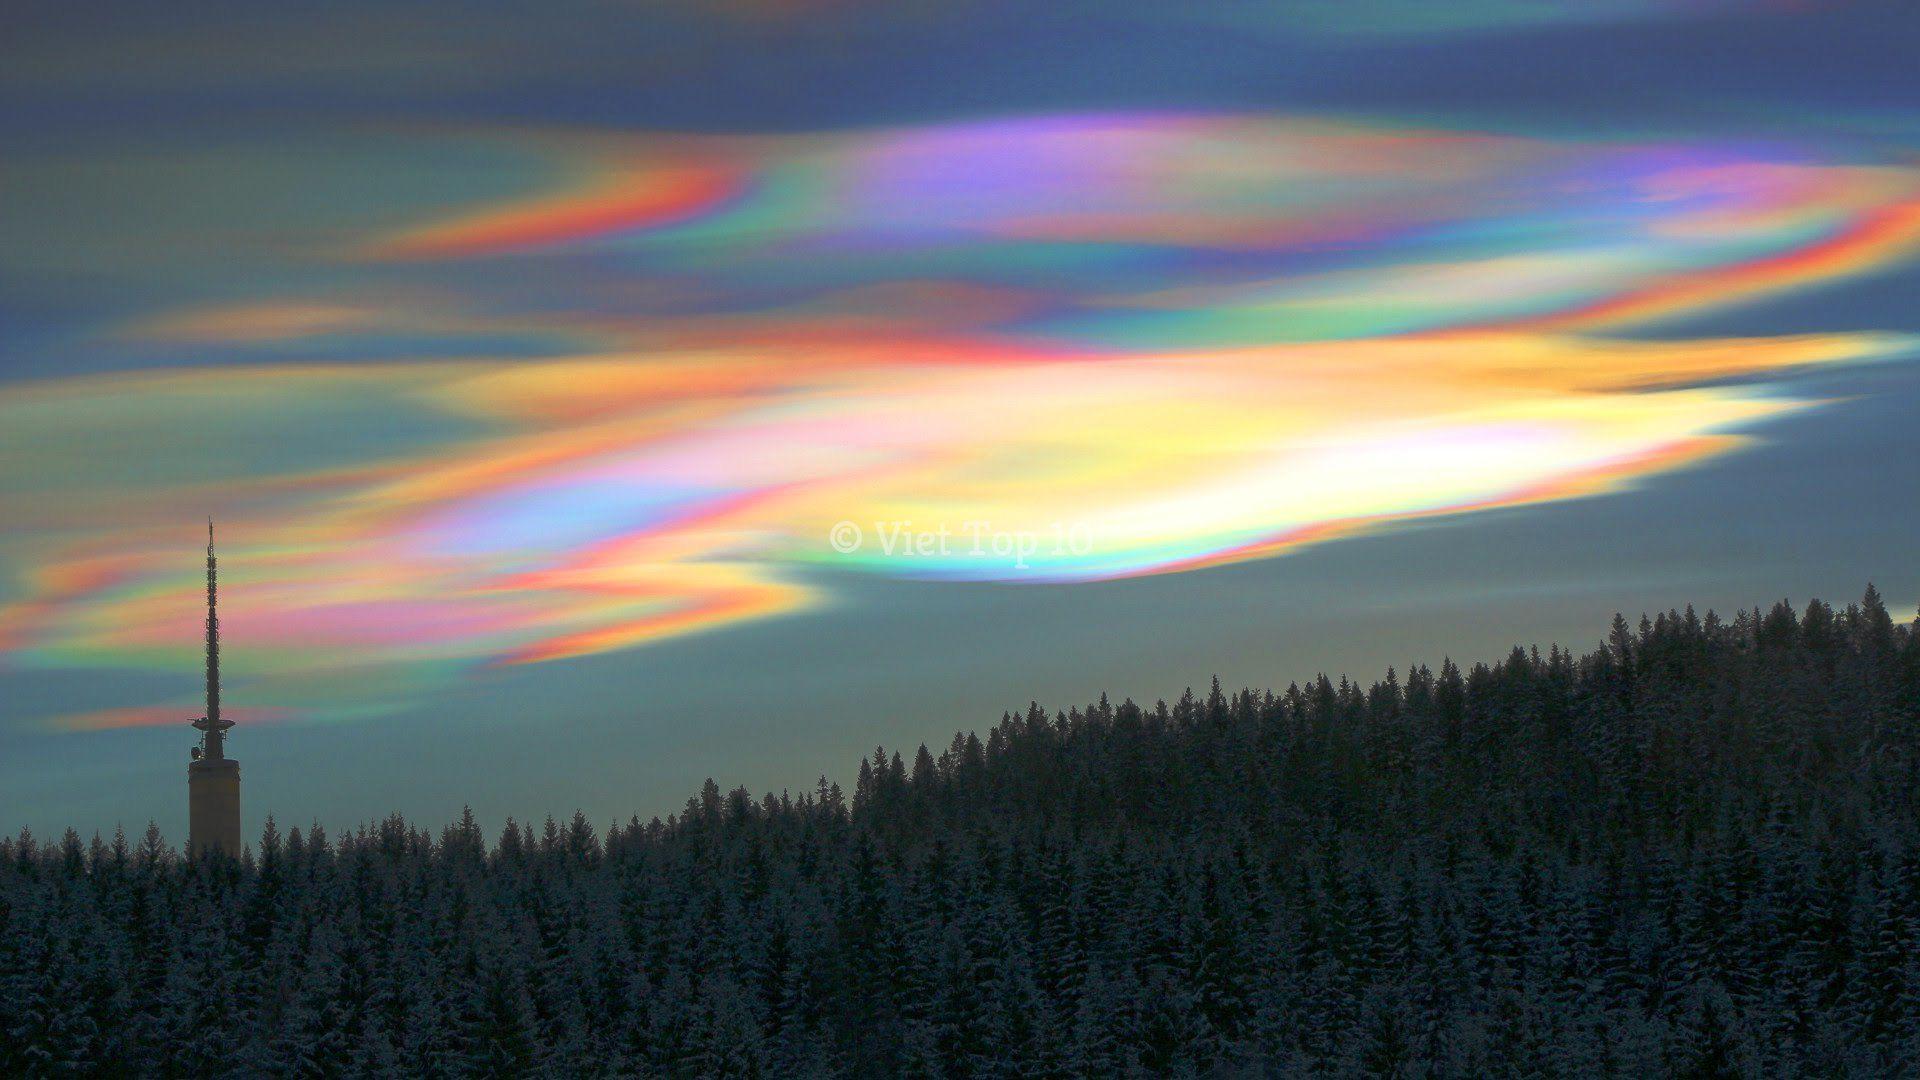 hiện tượng những đám mây kỳ lạ nhất trên trái đất - việt top 10 - việt top 10 net - viettop10